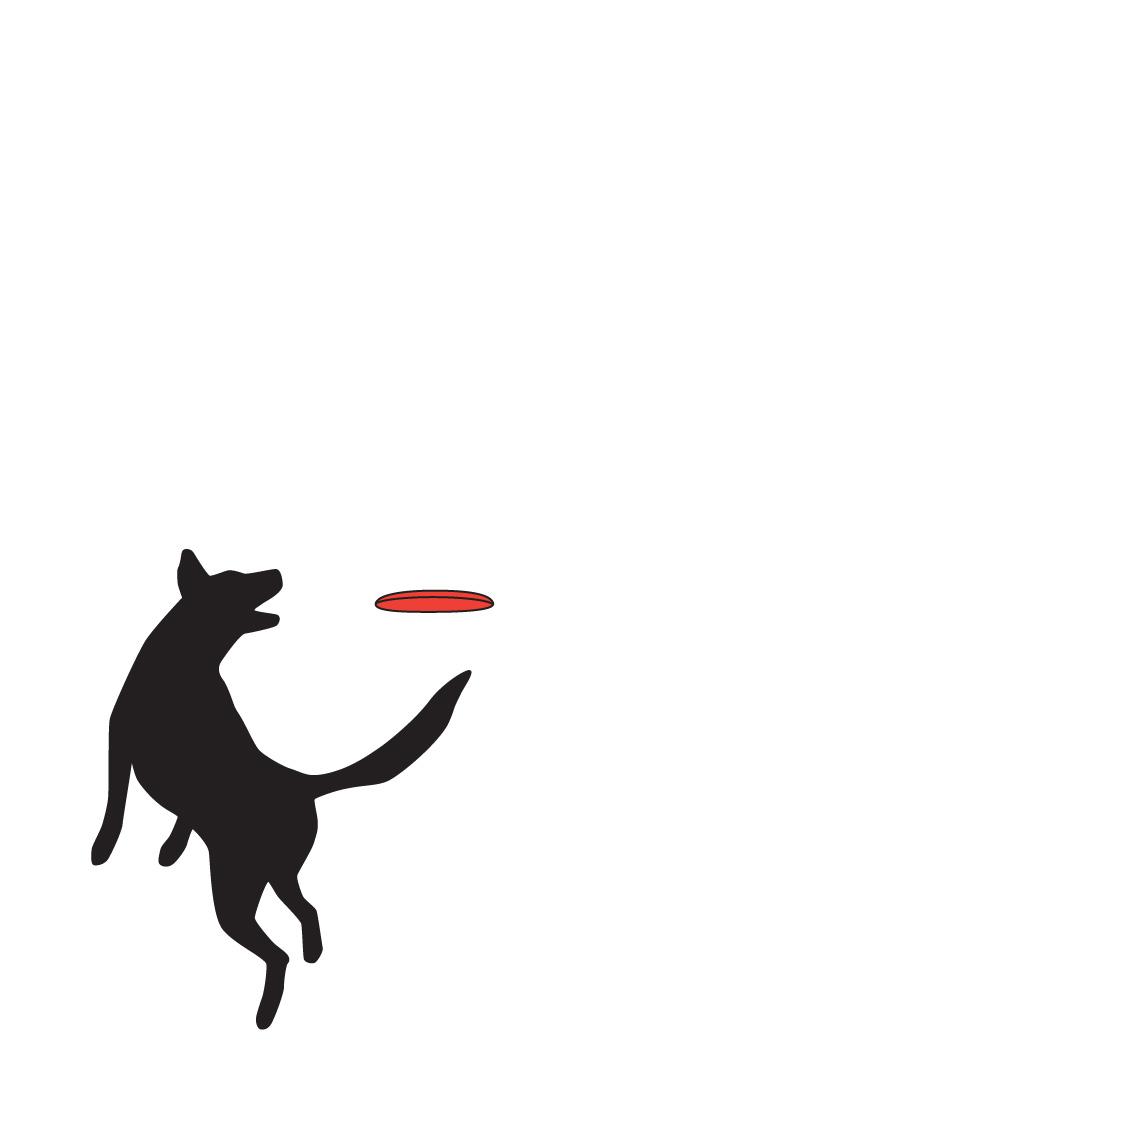 Frisbee Dog Illustration